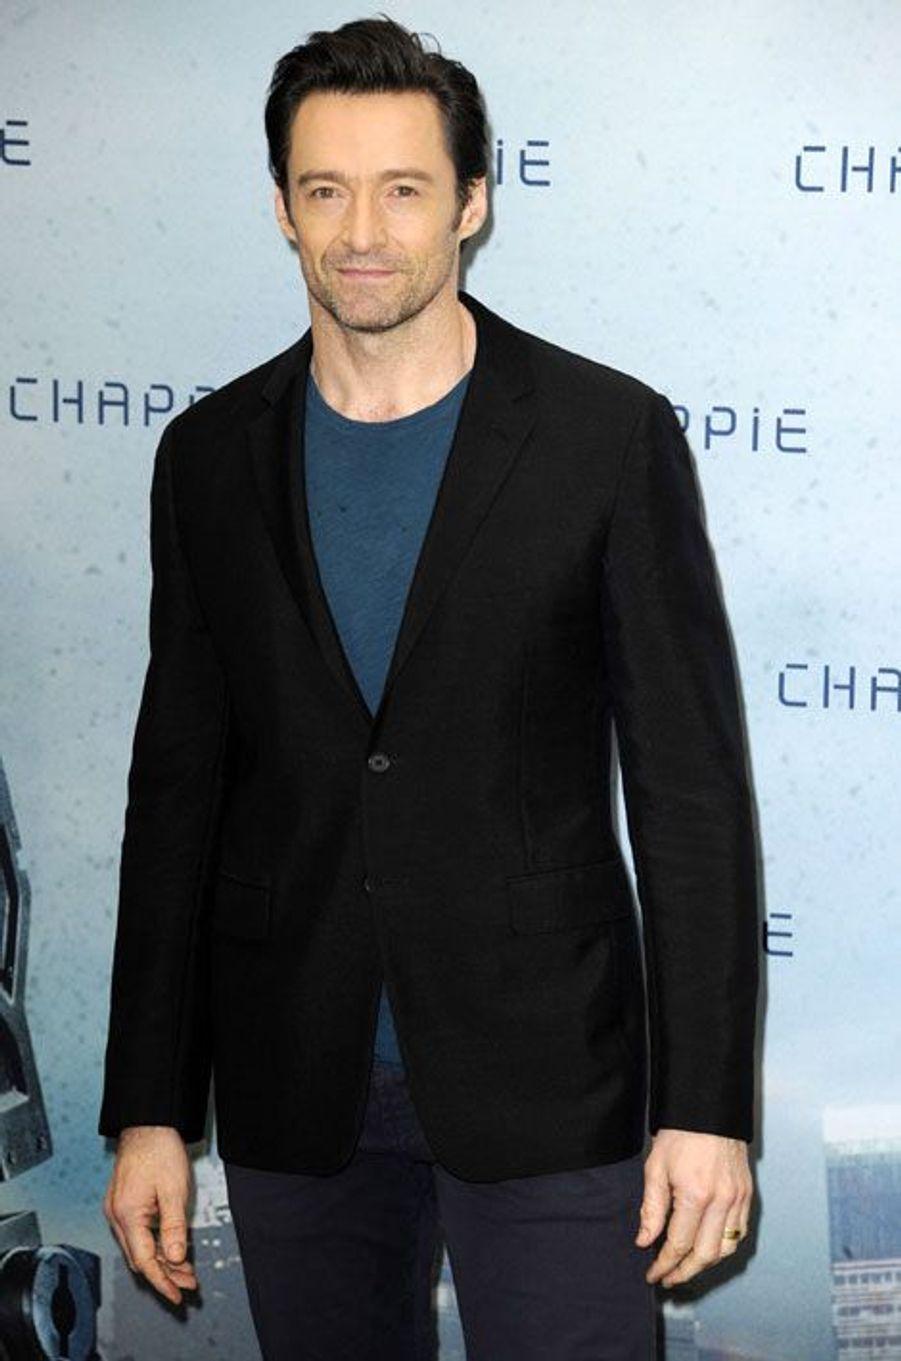 """Le prochain James Bond sera-t-il australien ? Après avoir annoncé qu'il ne porterait plus le costume de Wolverine, Hugh Jackman pourrait interpréter le héros anglais. Il y a deux ans, il avait confié au «Sun» qu'il avait refusé de jouer James Bond après le départ de Pierce Brosnan mais a avoué se sentir près maintenant : «Je vais juste attendre. Le bon côté des choses c'est que Daniel a quoi 62 ans déjà non ? Il décatie. Alors je n'arrête pas de lui dire """"je suis prêt, dès que tu veux arrêter, je suis là""""»."""